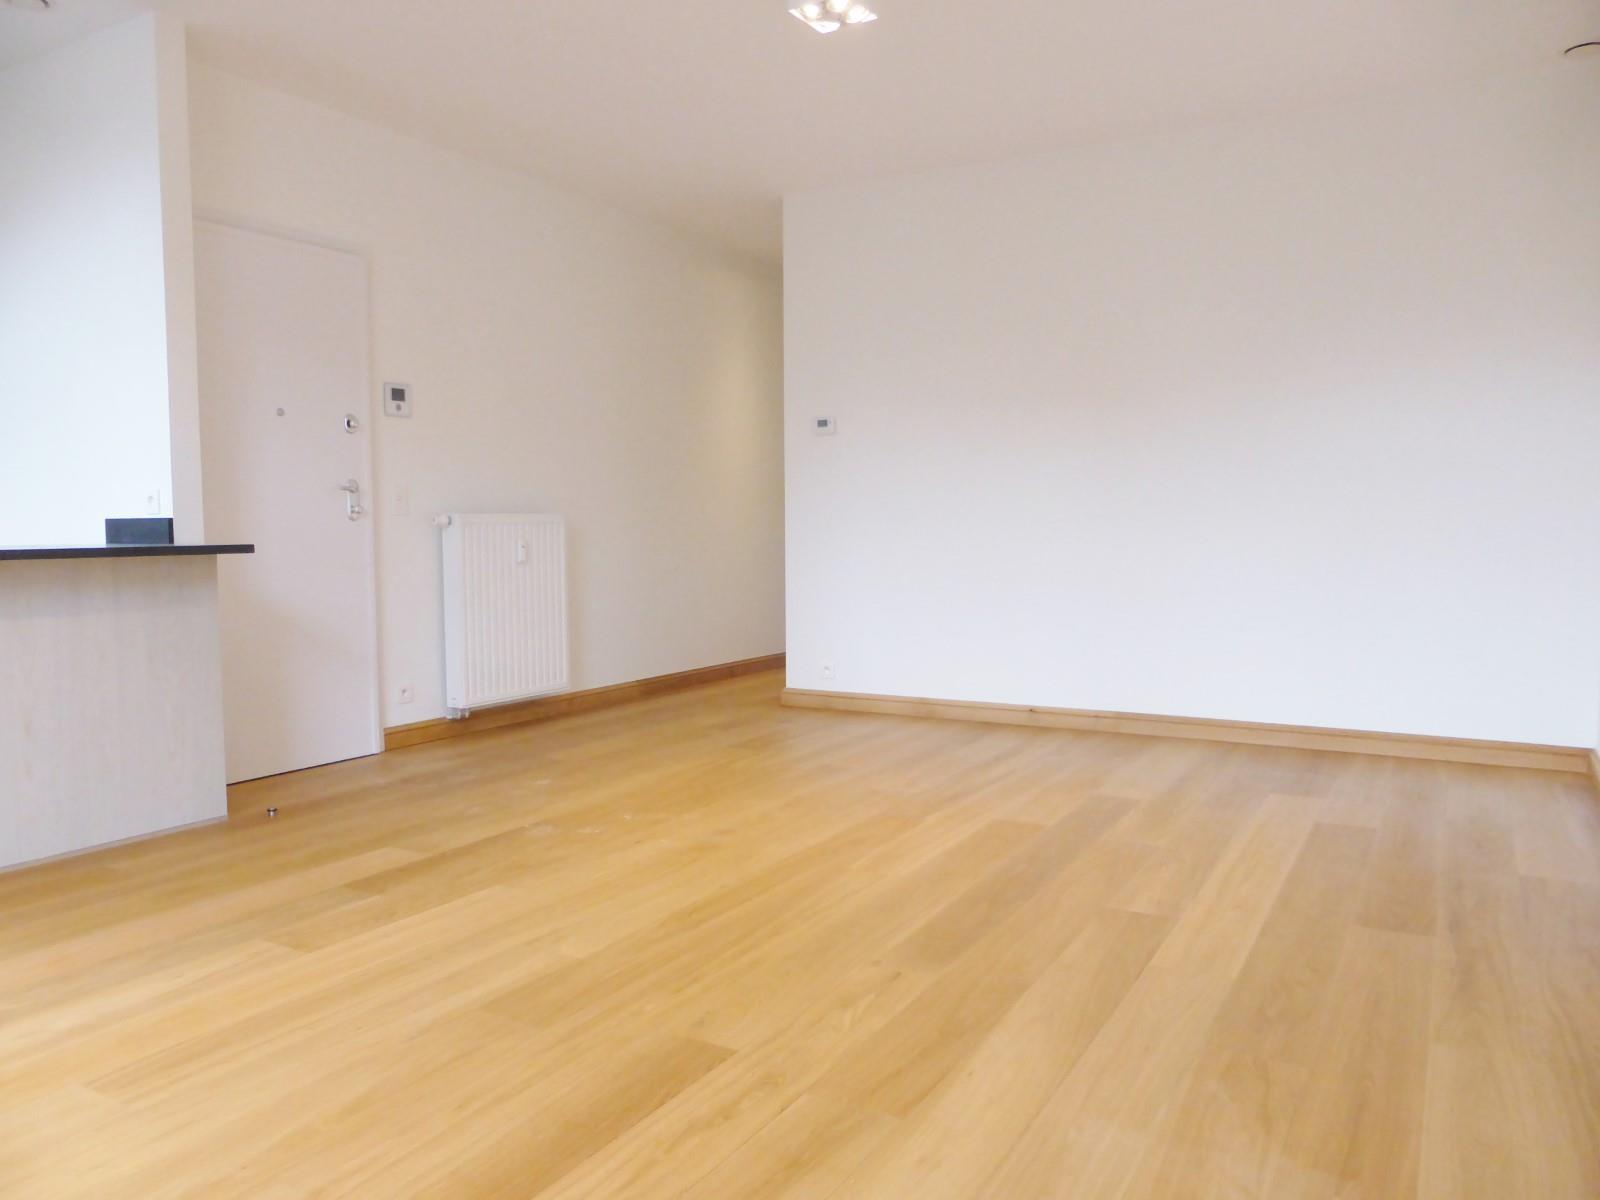 Appartement exceptionnel - Bruxelles - #3965237-31